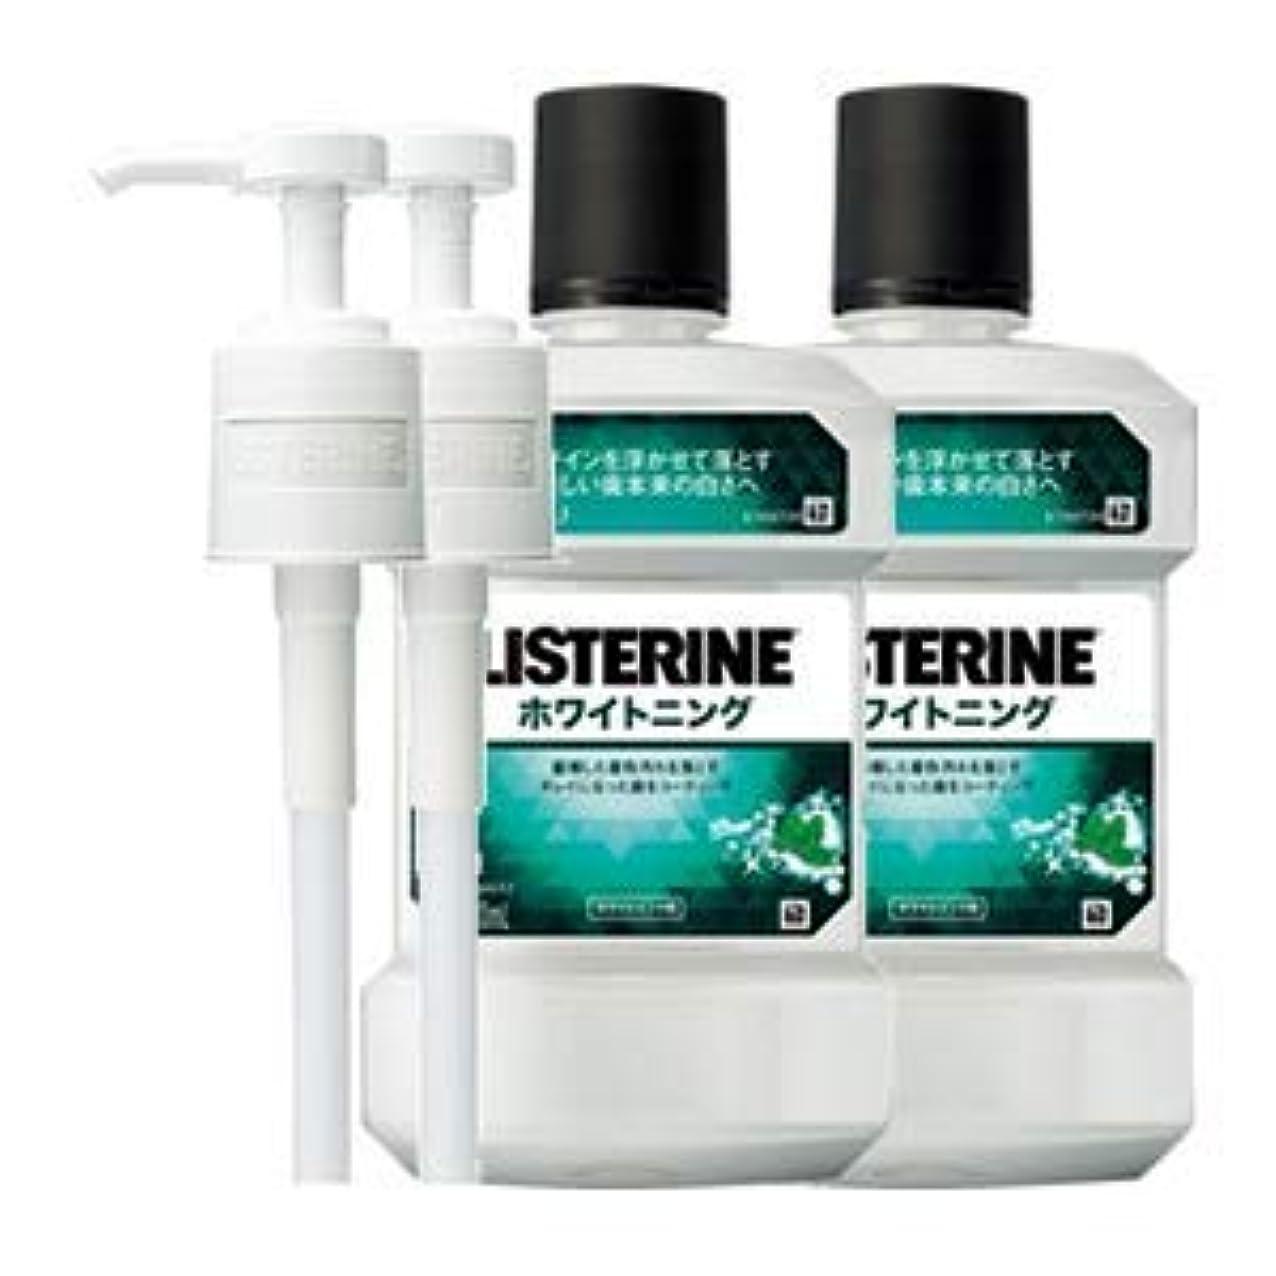 インスタンスラリーベルモント速い薬用 リステリン ホワイトニング (液体歯磨) 1000mL 2点セット (ポンプ付)